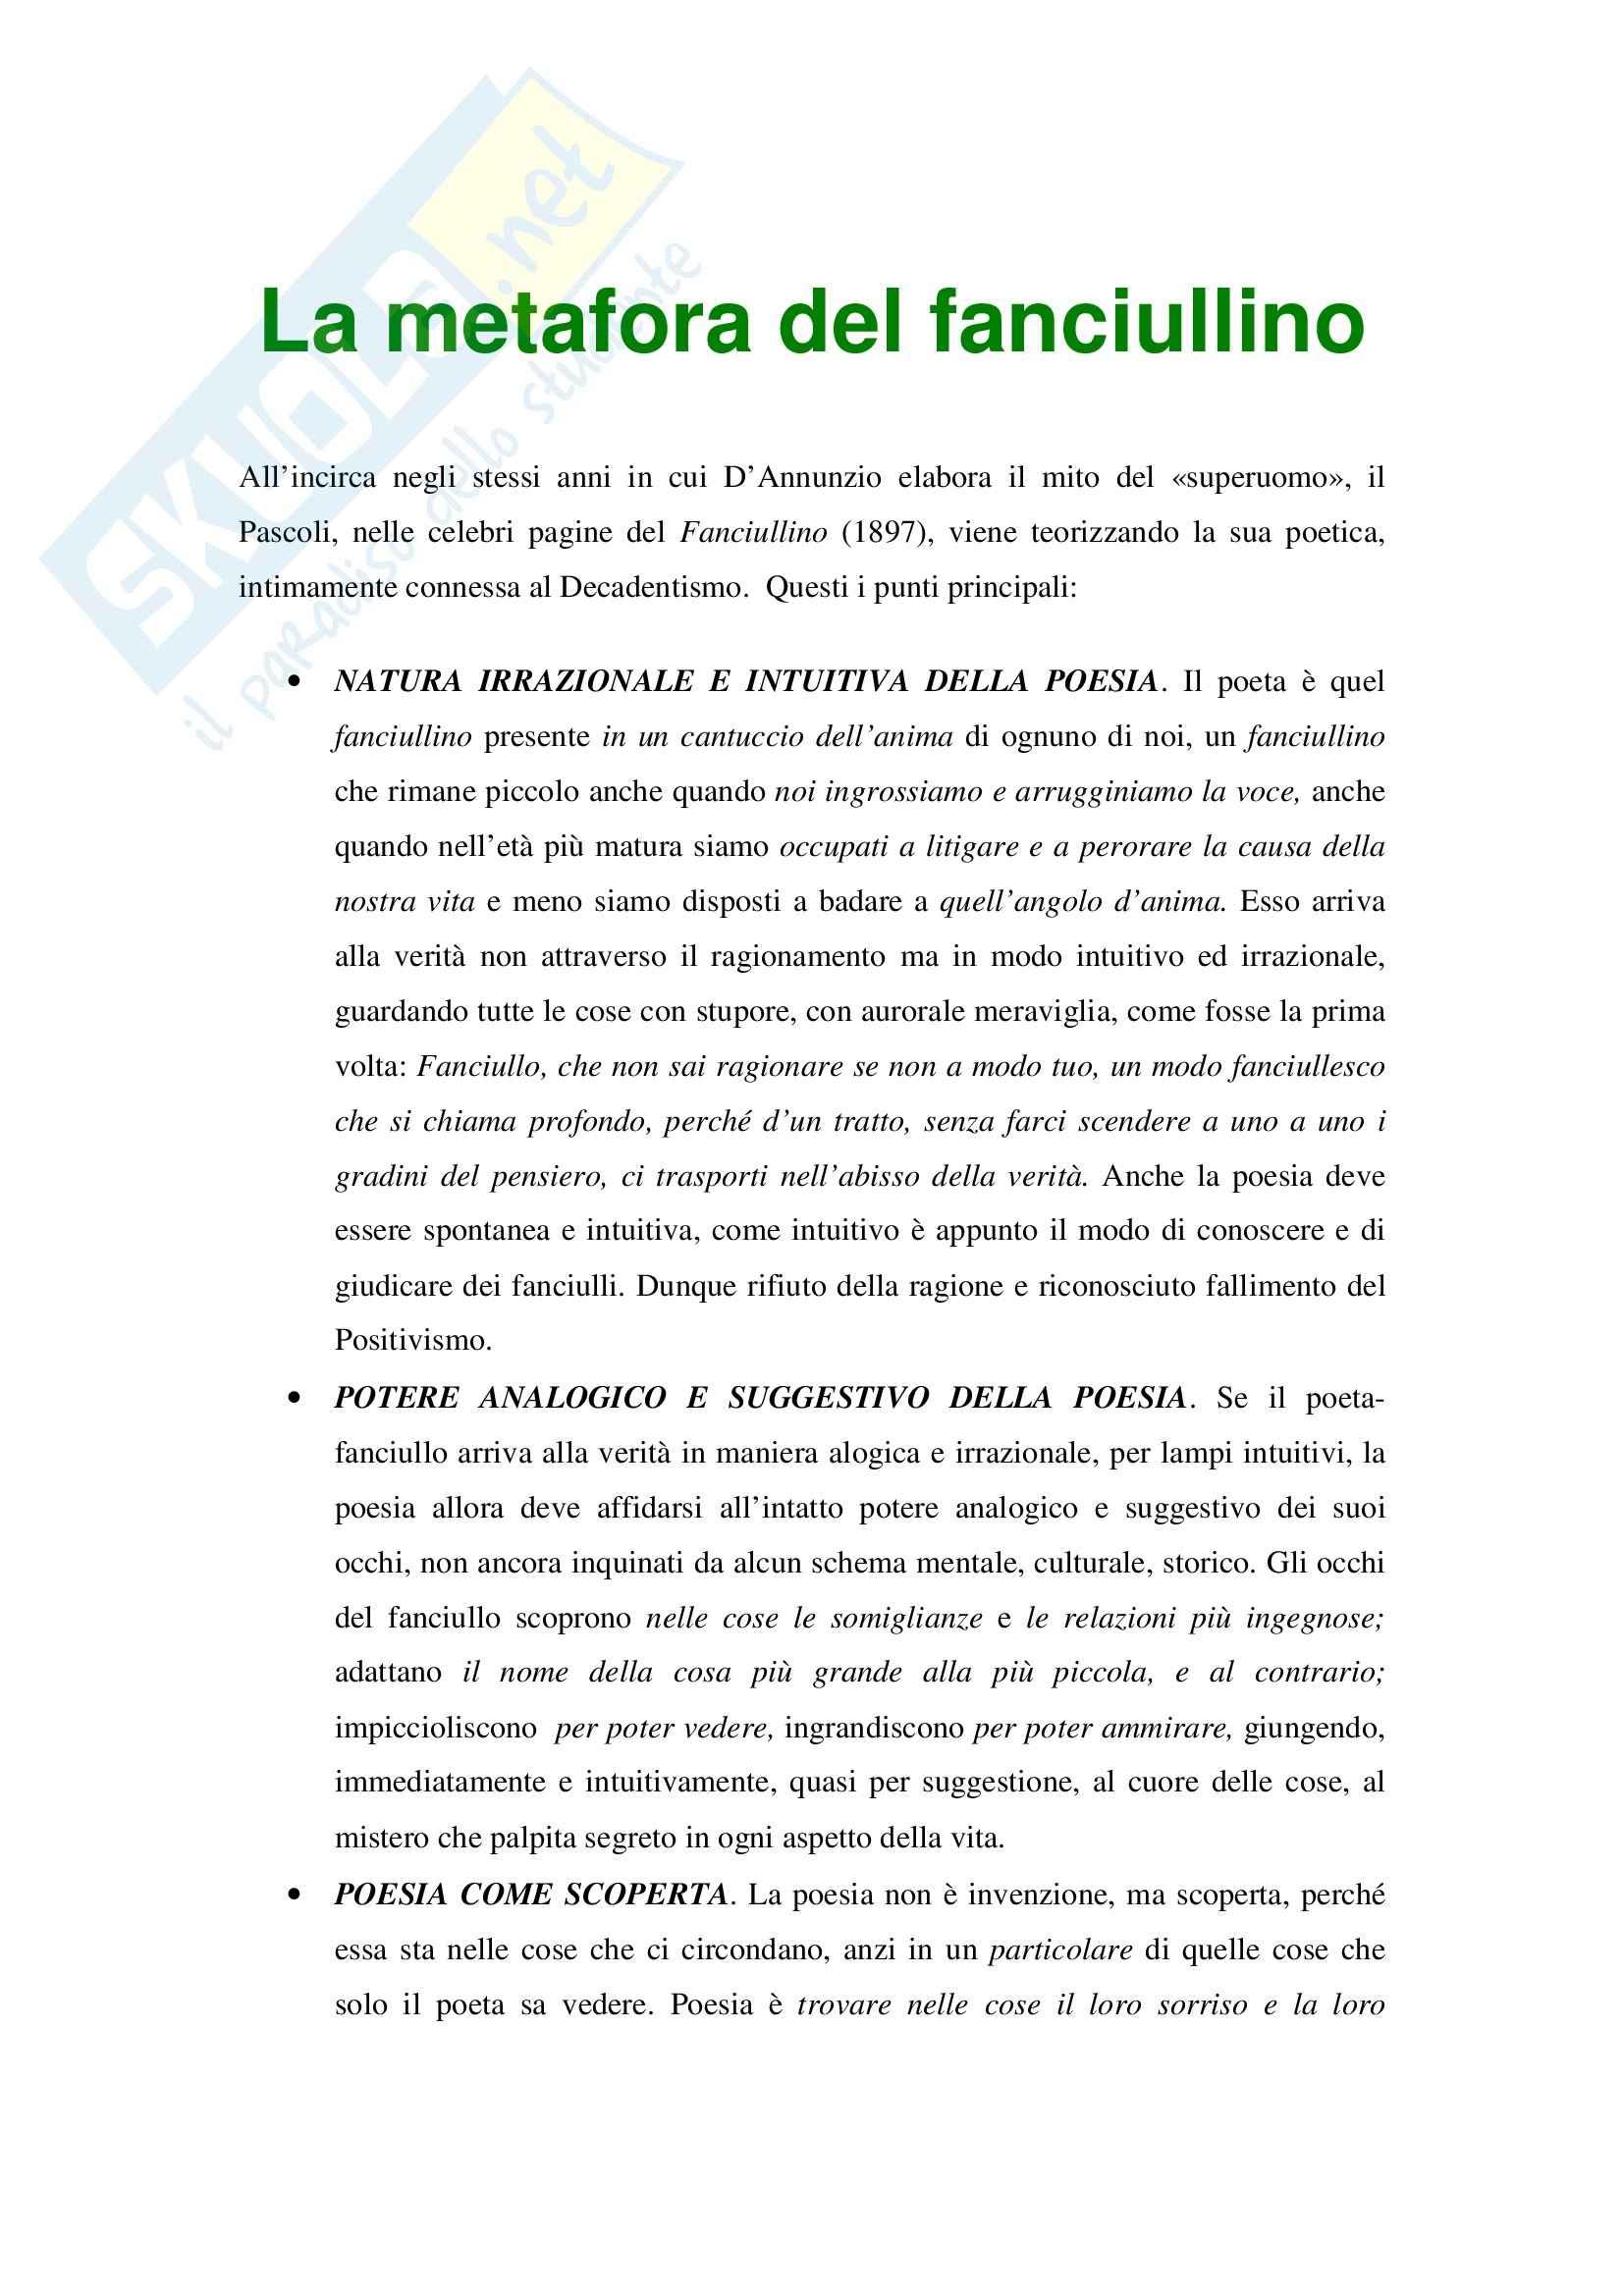 Letteratura italiana dell'età romantica - Pascoli e la metafora del fanciullino